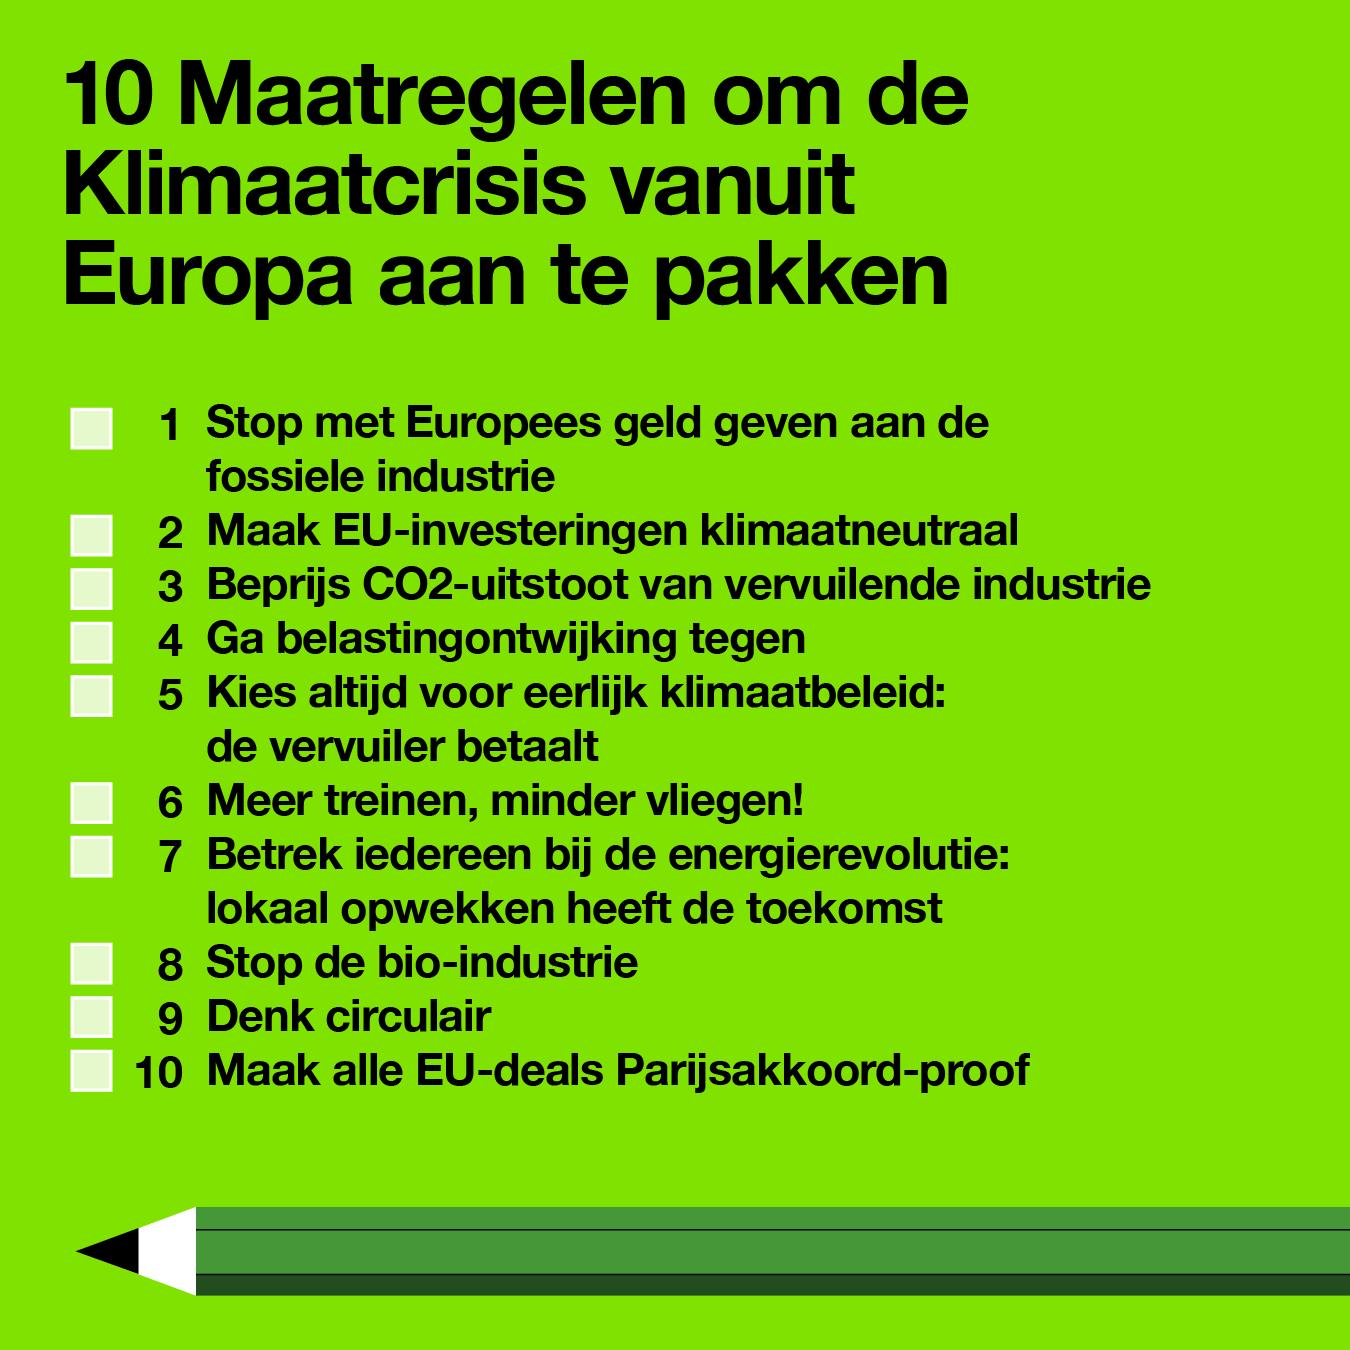 Tien maatregelen om de klimaatcrisis vanuit Europa aan de pakken